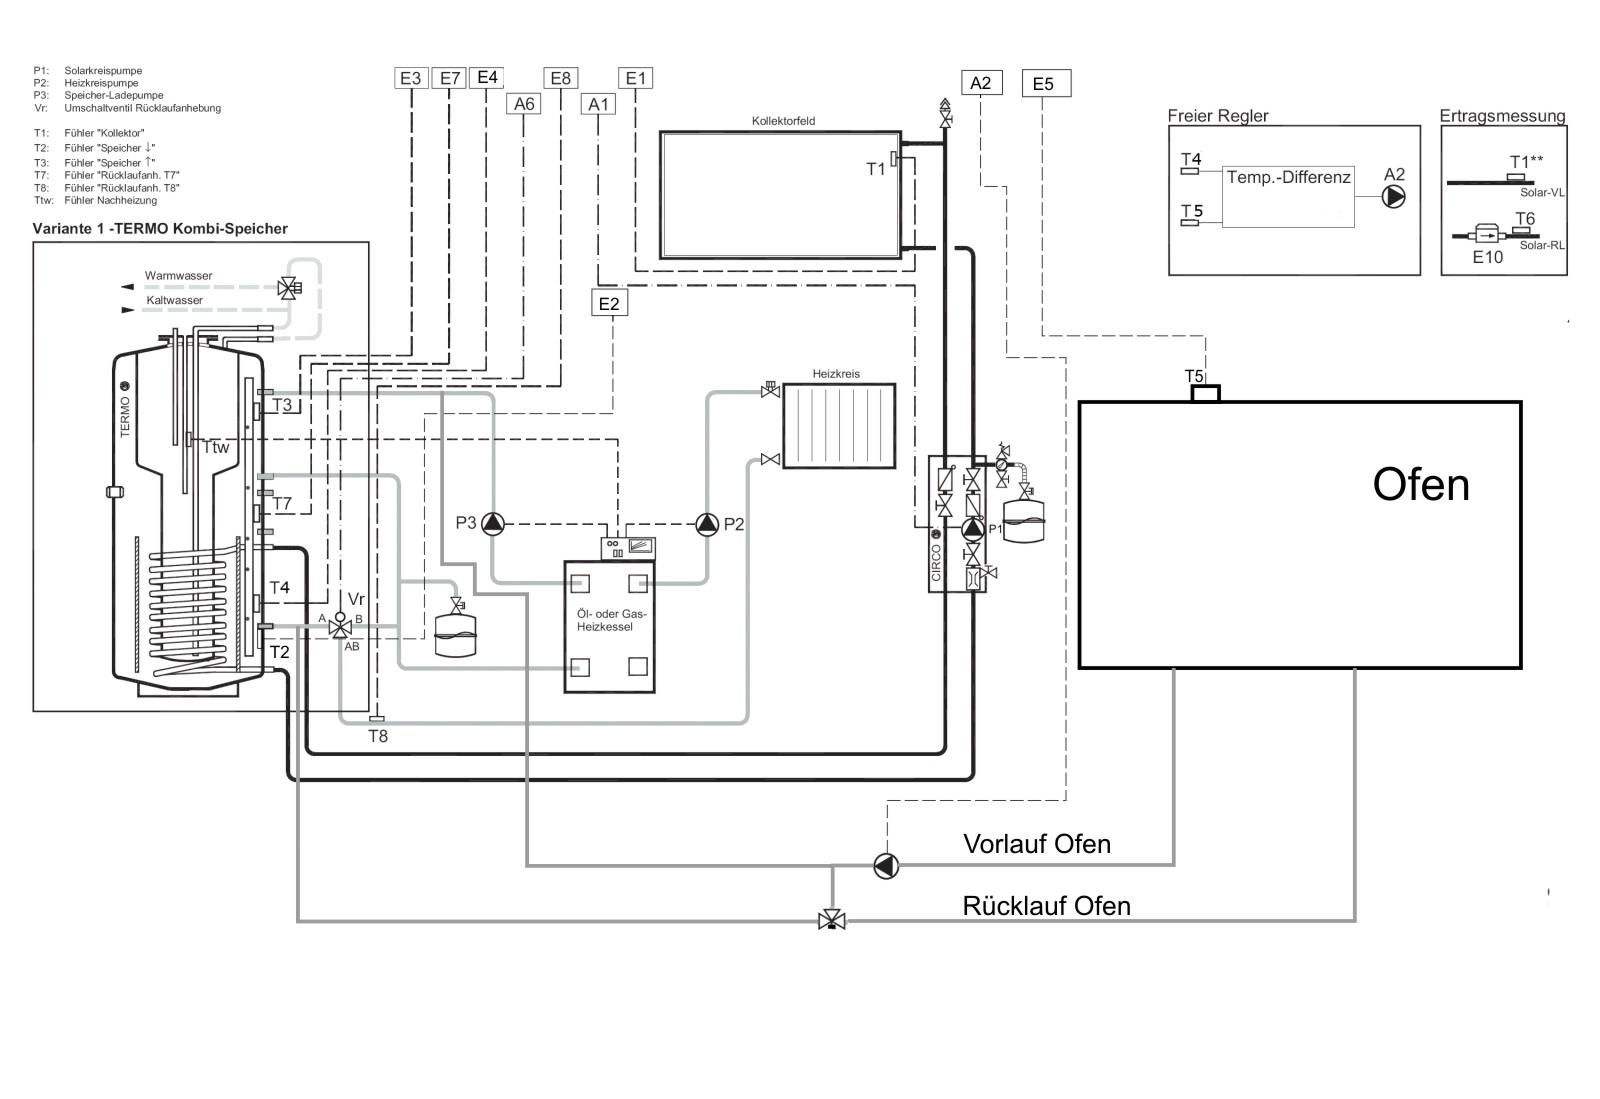 Frage zum Thema Ofen/Warmwasser • Motorsägen-Portal